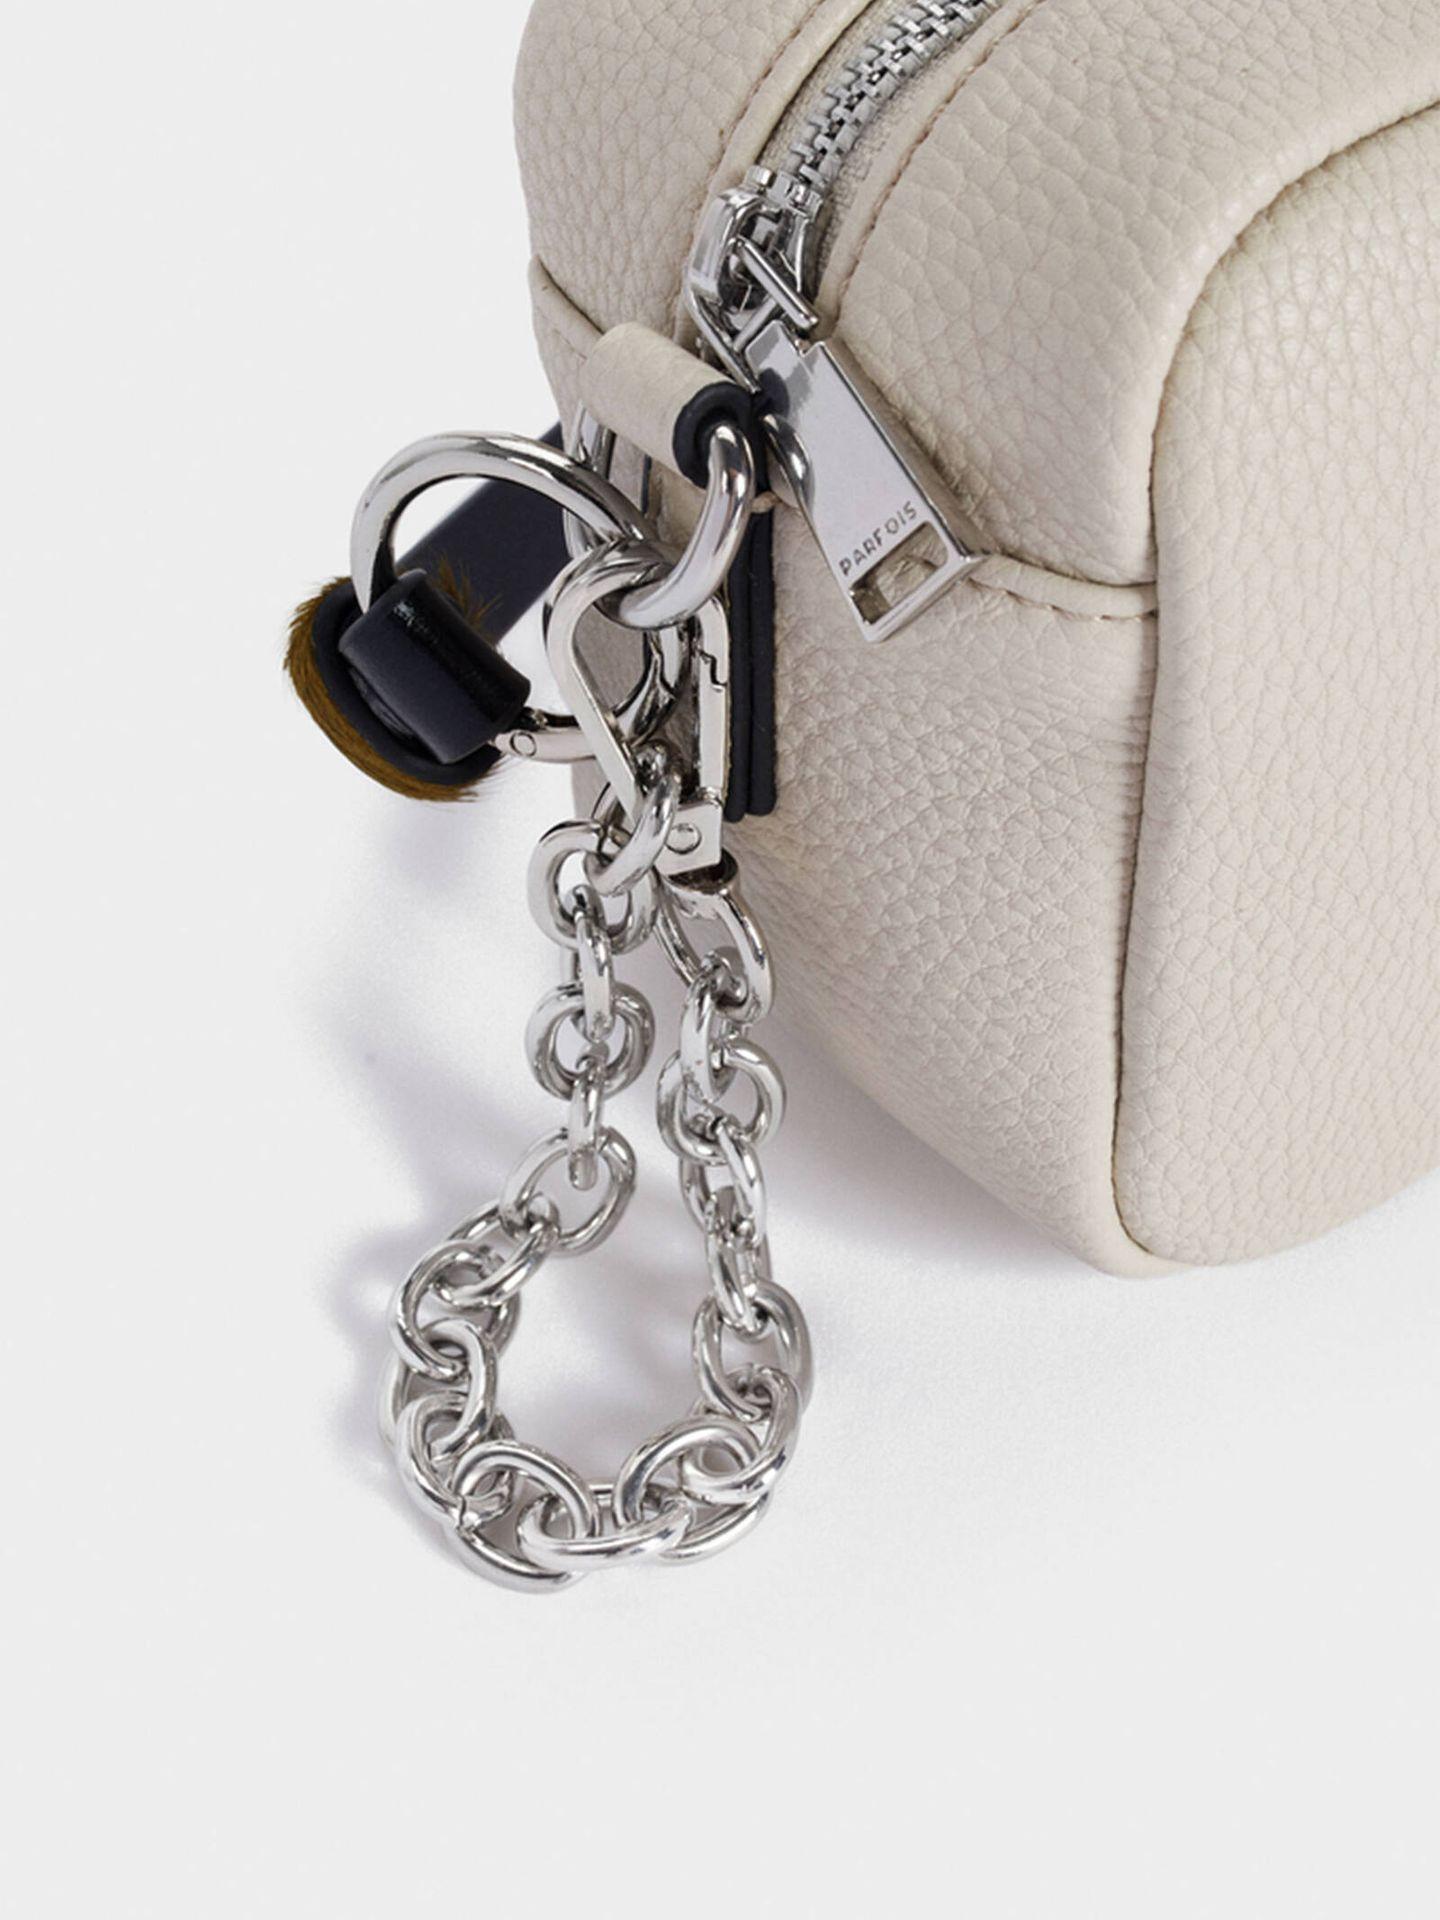 El bolso de Parfois de tamaño pequeño que es básico y práctico. (Cortesía)